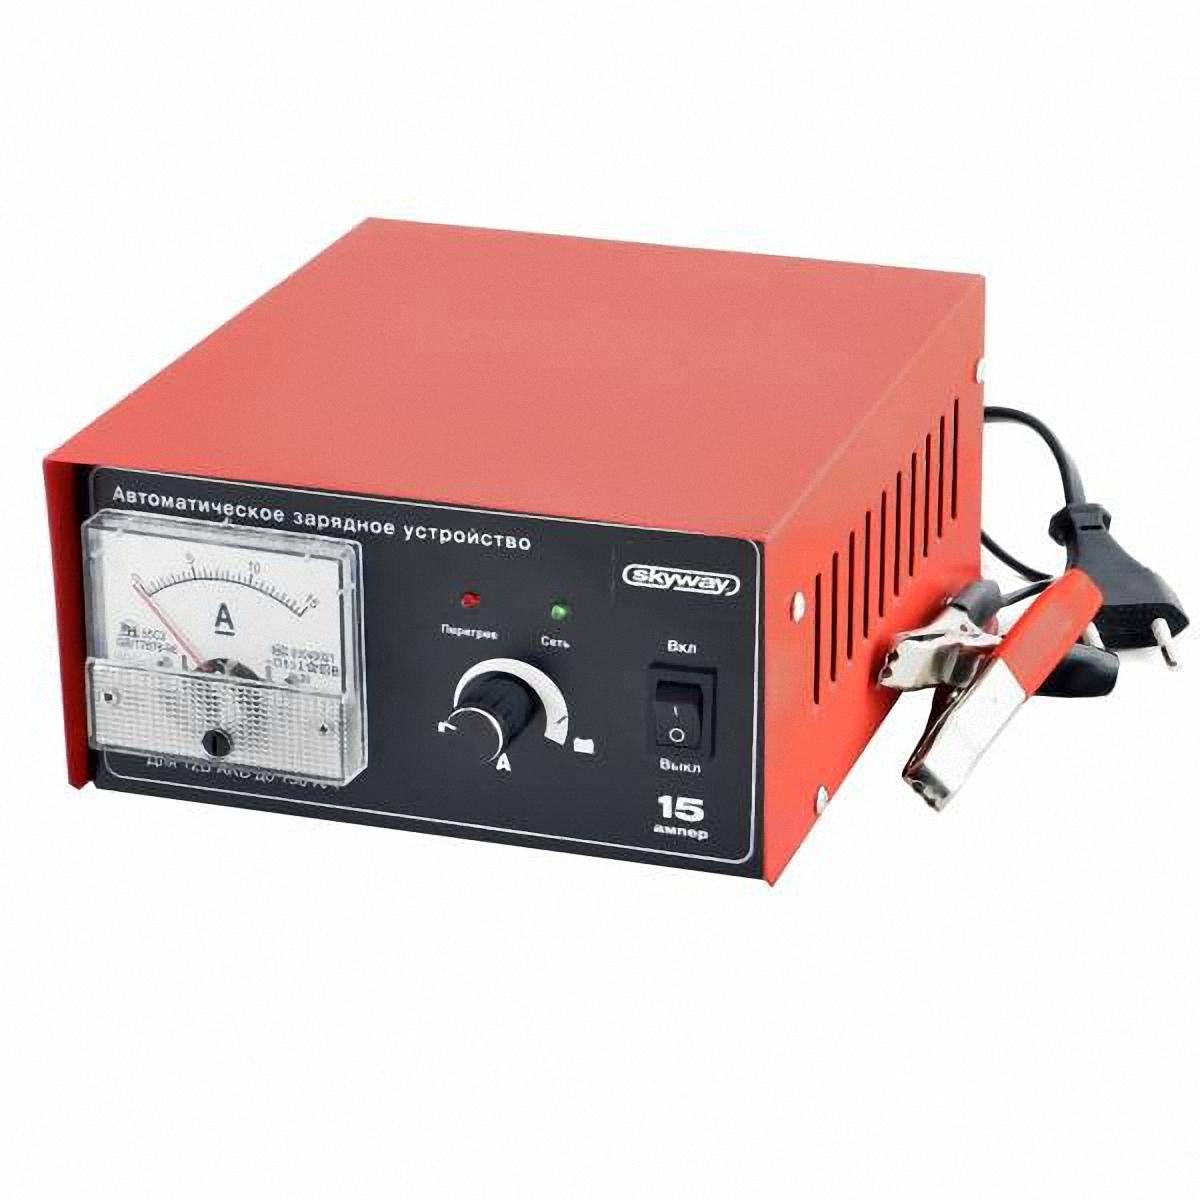 Устройство зарядное для аккумулятора Skyway. S03801002S03801002Импульсное автоматическое зарядно-предпусковое устройство для всех типов аккумуляторных батарей 15А. Особенности: Оптимальное сочетание напряжения и тока.Зарядка необслуживаемых АКБ.Зарядка без отключения и снятия АКБ с автомобиля.Использование в качестве источника питания.Защита неправильного подключения.Защита от перегрузок и короткого замыкания.Защита от перегрева. Для аккумуляторных батарей 12 В.Емкость аккумуляторной батареи - до 150 А/ч.Напряжение питания сети - 180-240В/50 Гц.Потребляемый ток - 1.7 А.Потребляемая мощность - 140 ВТ.Максимальное выходное напряжение - 14,8 В.Ток зарядки - 0,4-15 А.